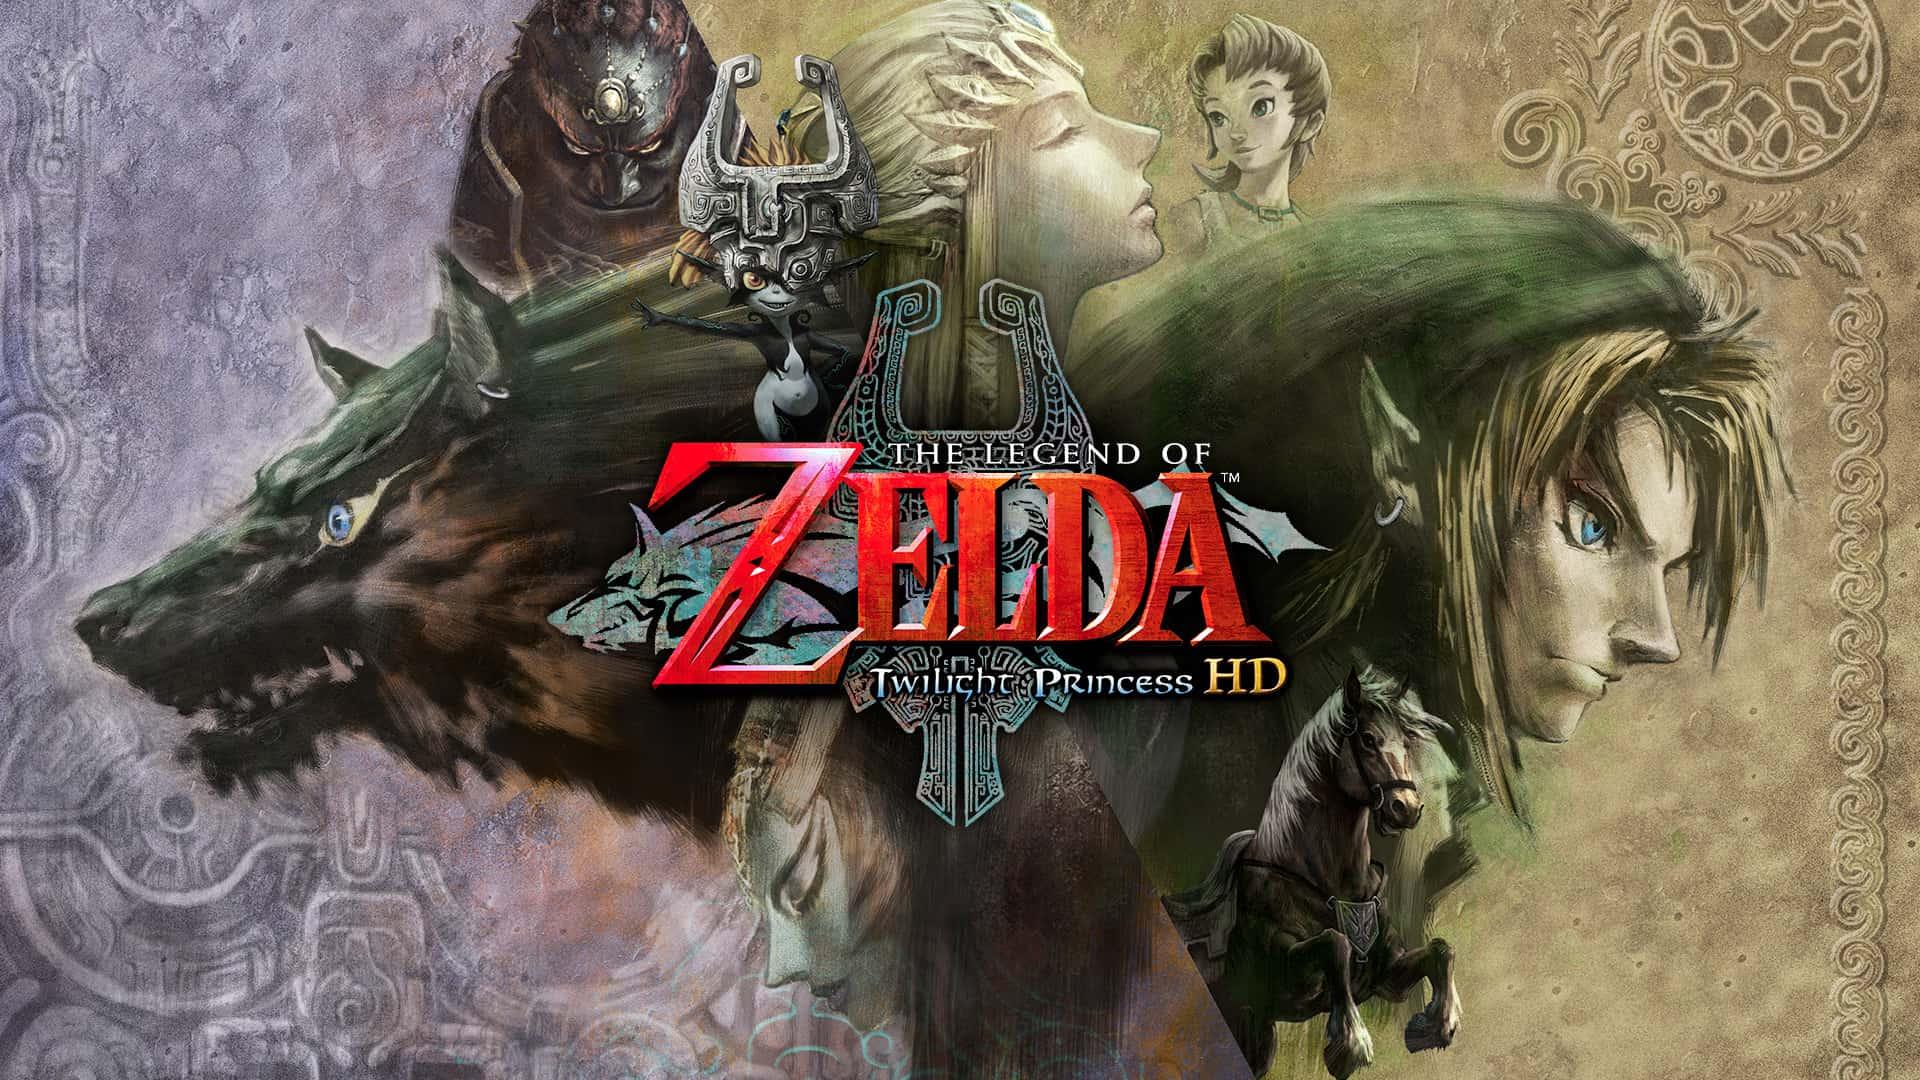 Best Zelda Games - The Legend of Zelda - Twilight Princess